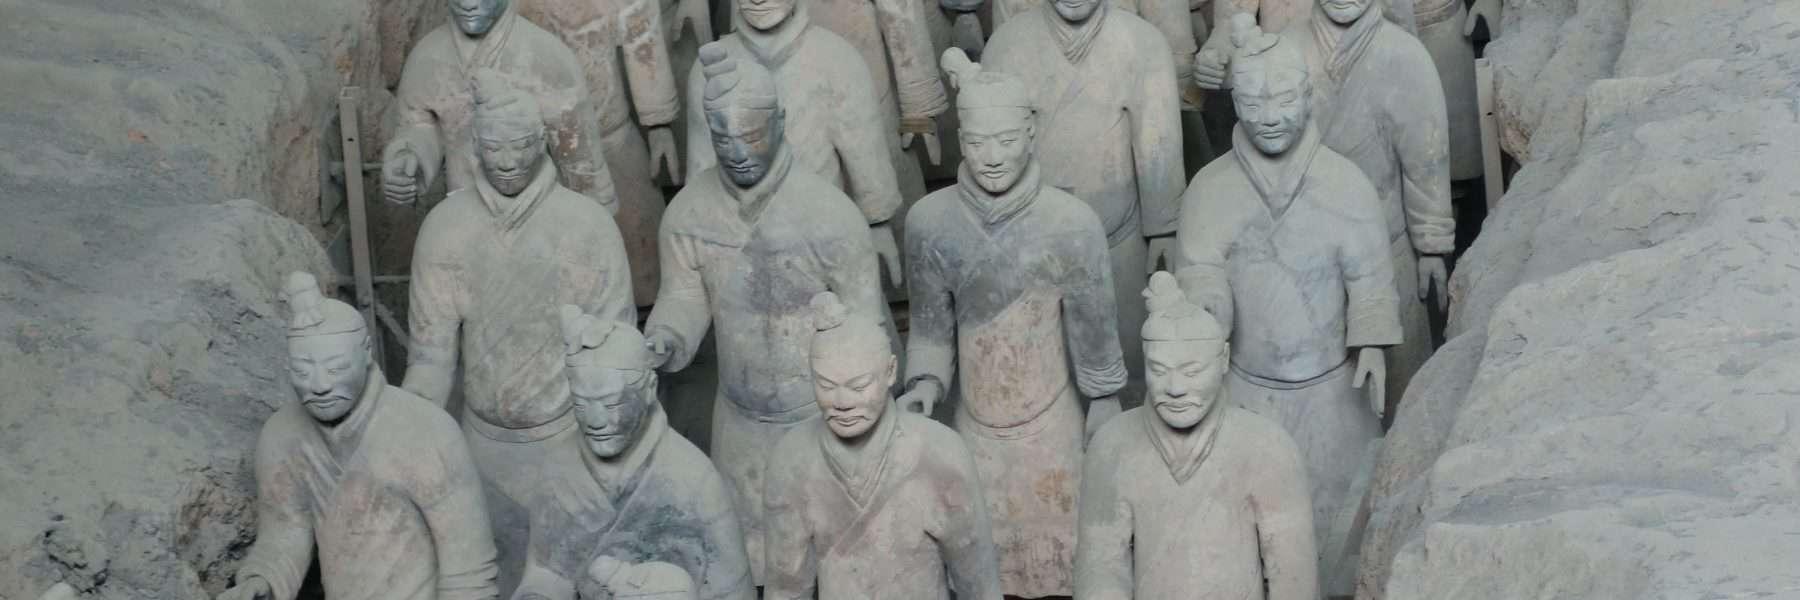 Terracotta Warriors, Xian, Chengdu